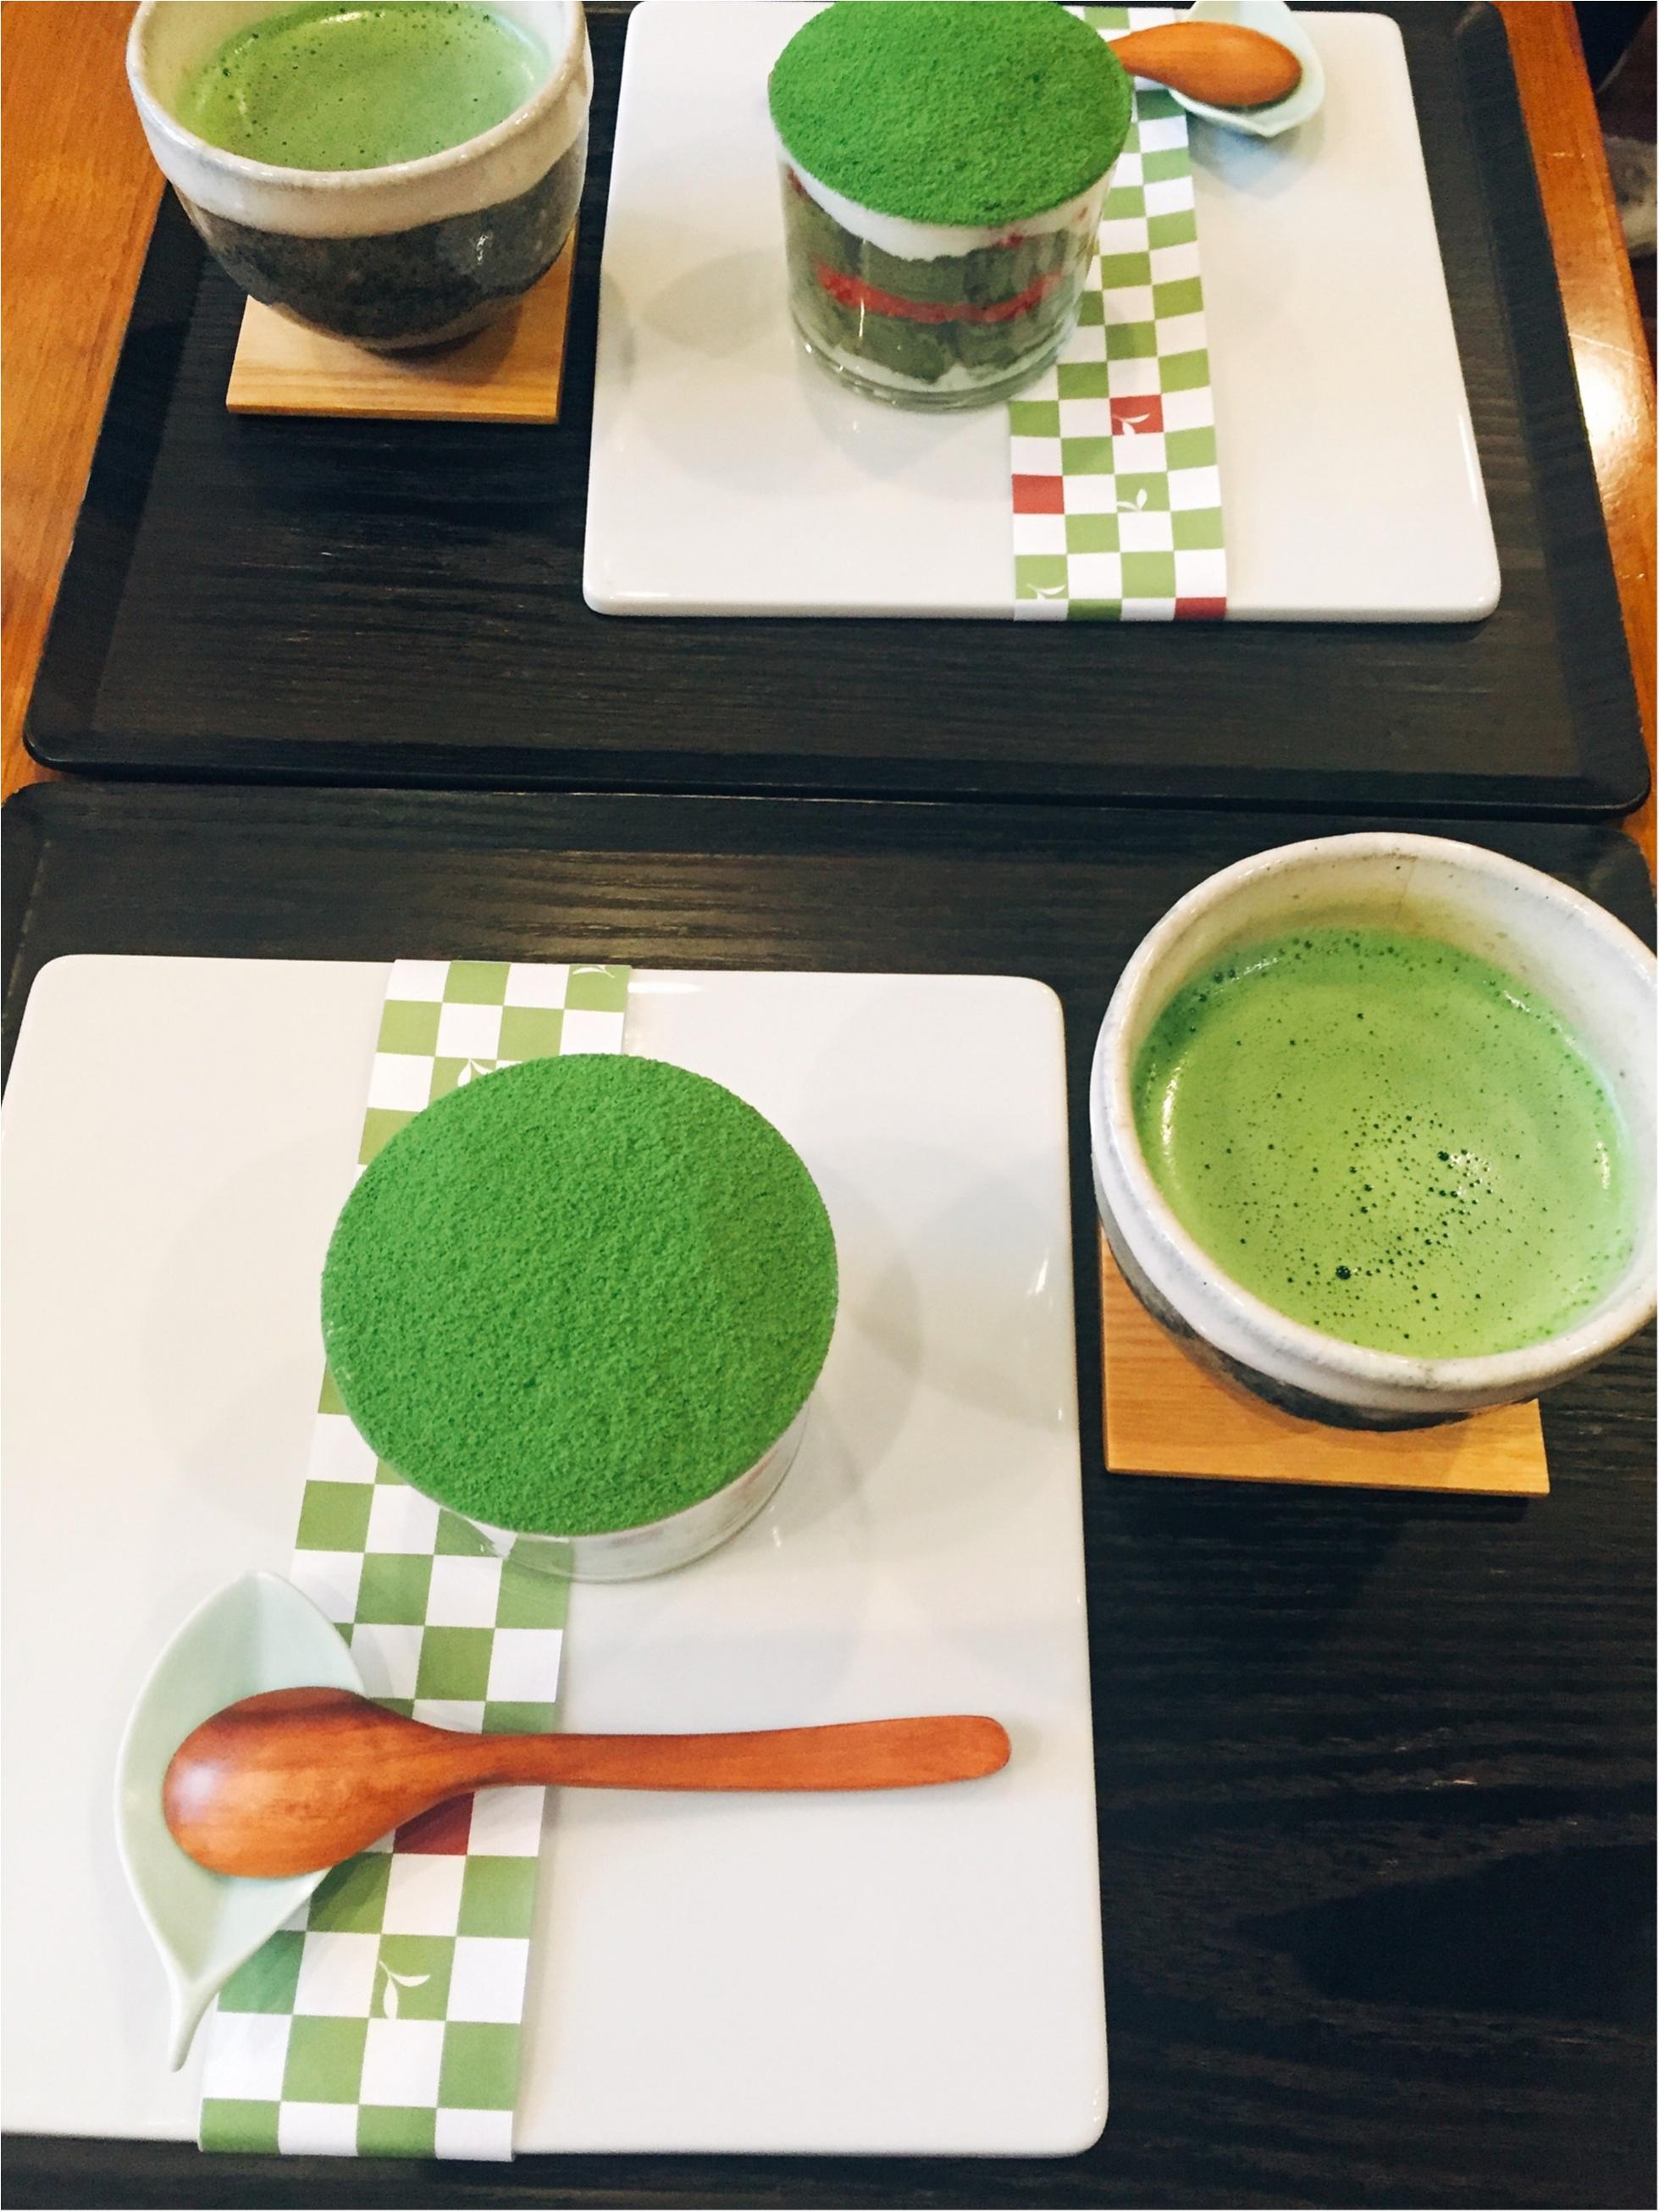 【表参道】日本茶が楽しめるカフェ♡期間限定《苺いり抹茶ティラミス》を食べに行きました♩_7